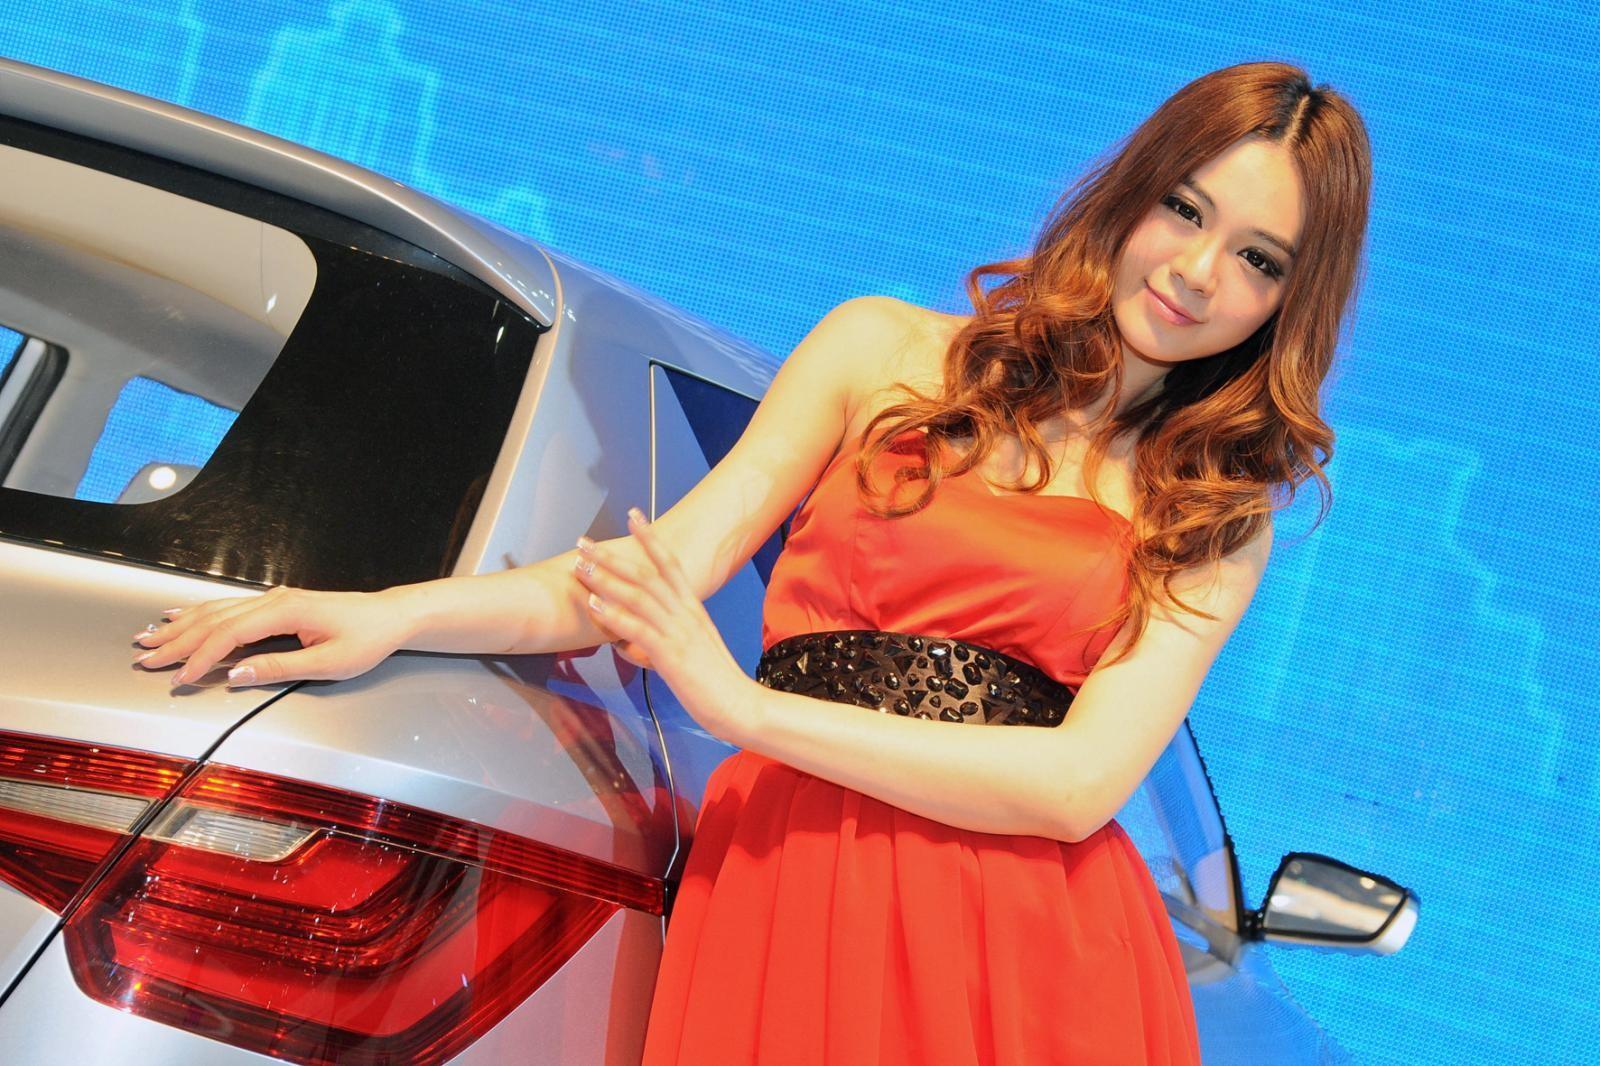 Будут ли украинцы и дальше ездить на китайских машинах 3